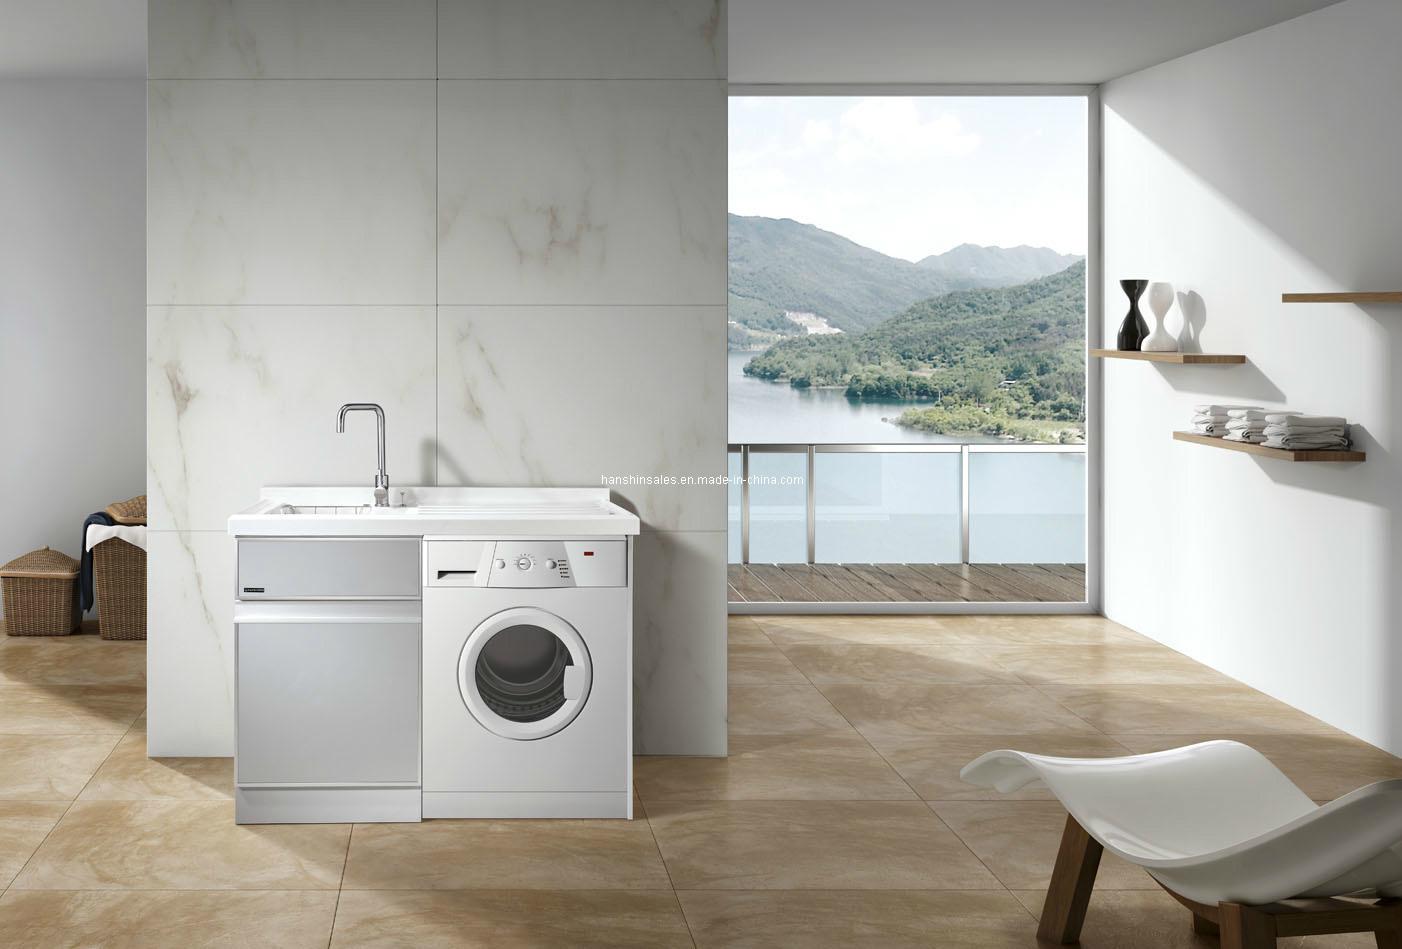 del lavadero del cuarto de baño (XD120S) – Gabinete del lavadero